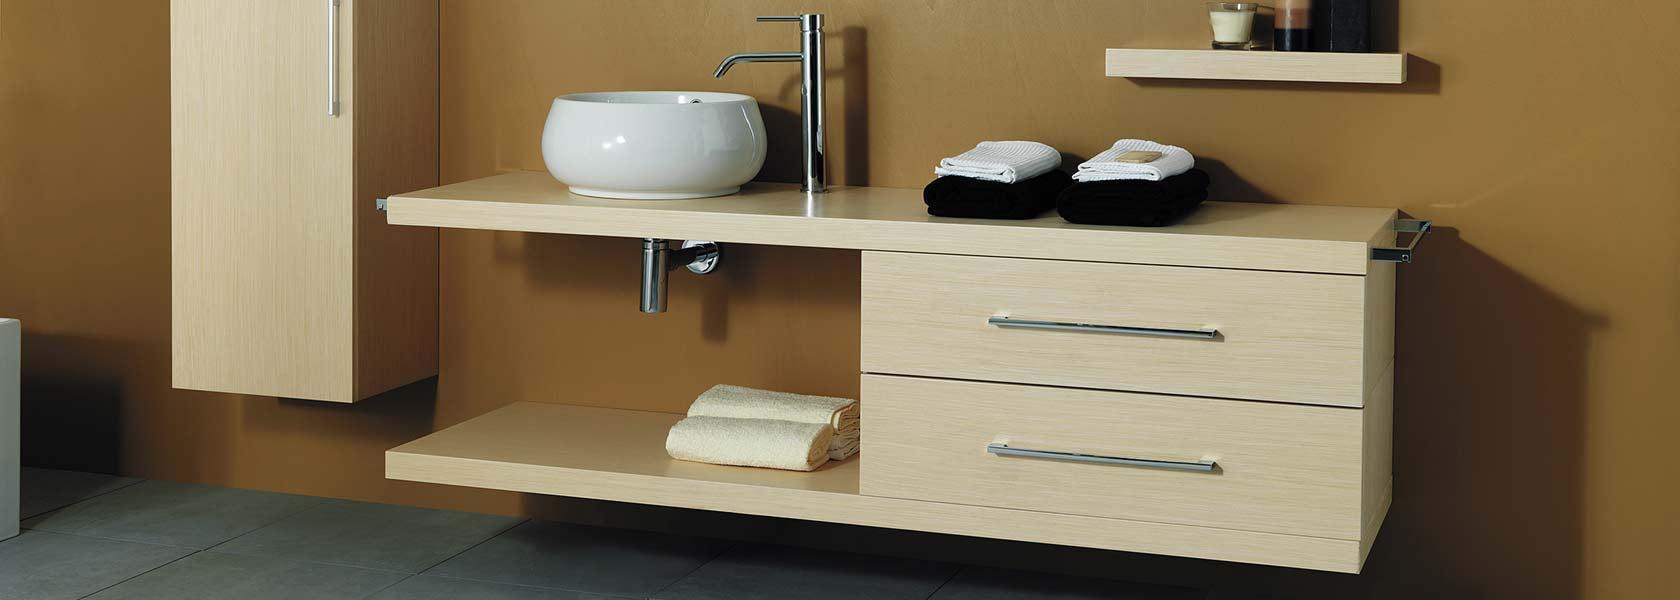 maniglie accessori non solo bagno mobili da bagno indistruttibili ...